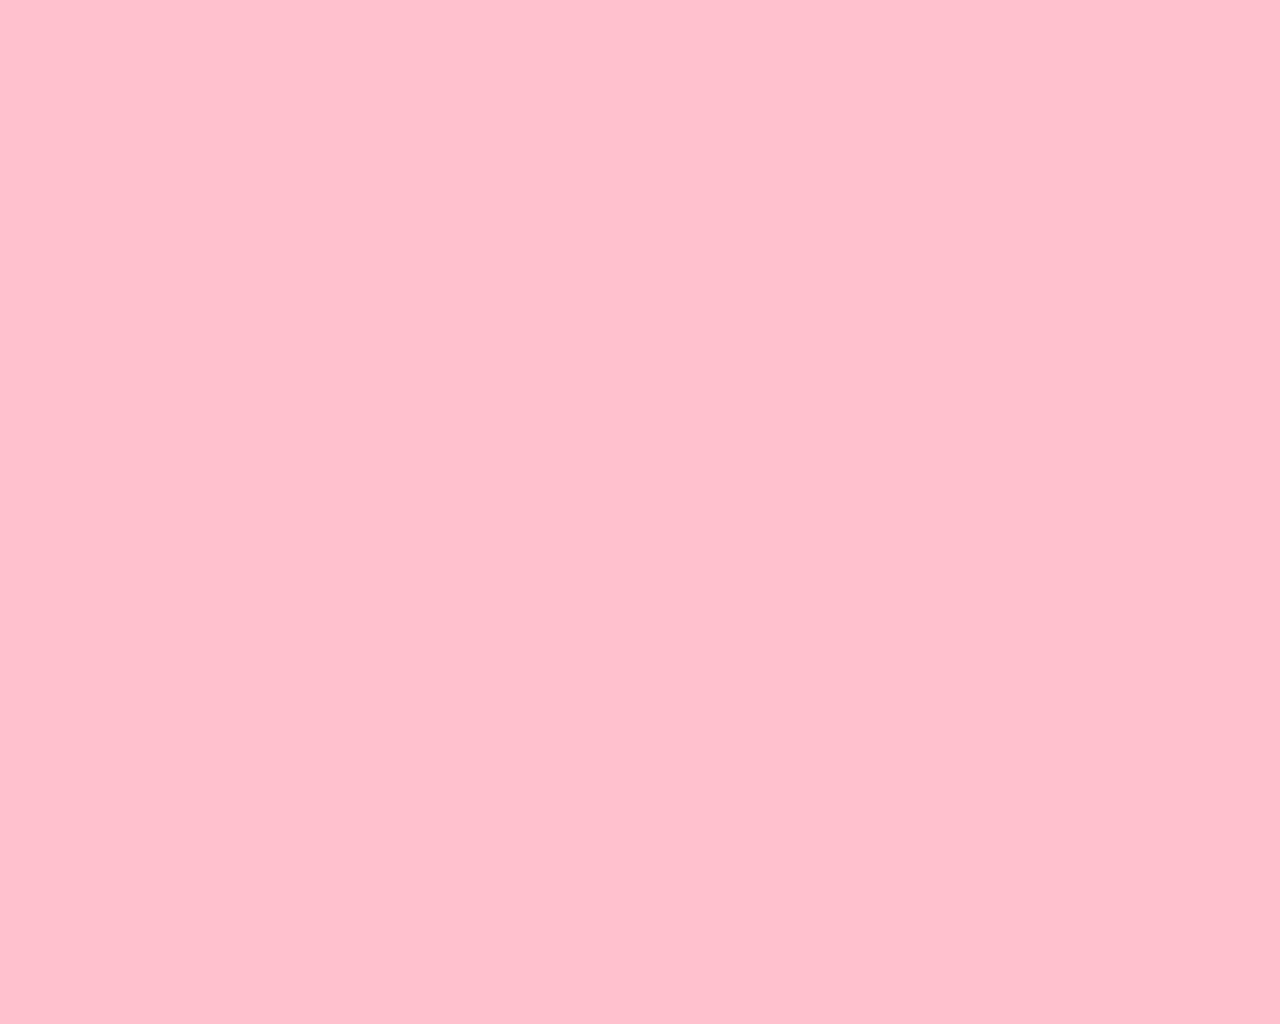 1280x1024 Bubble Gum Solid Color Background